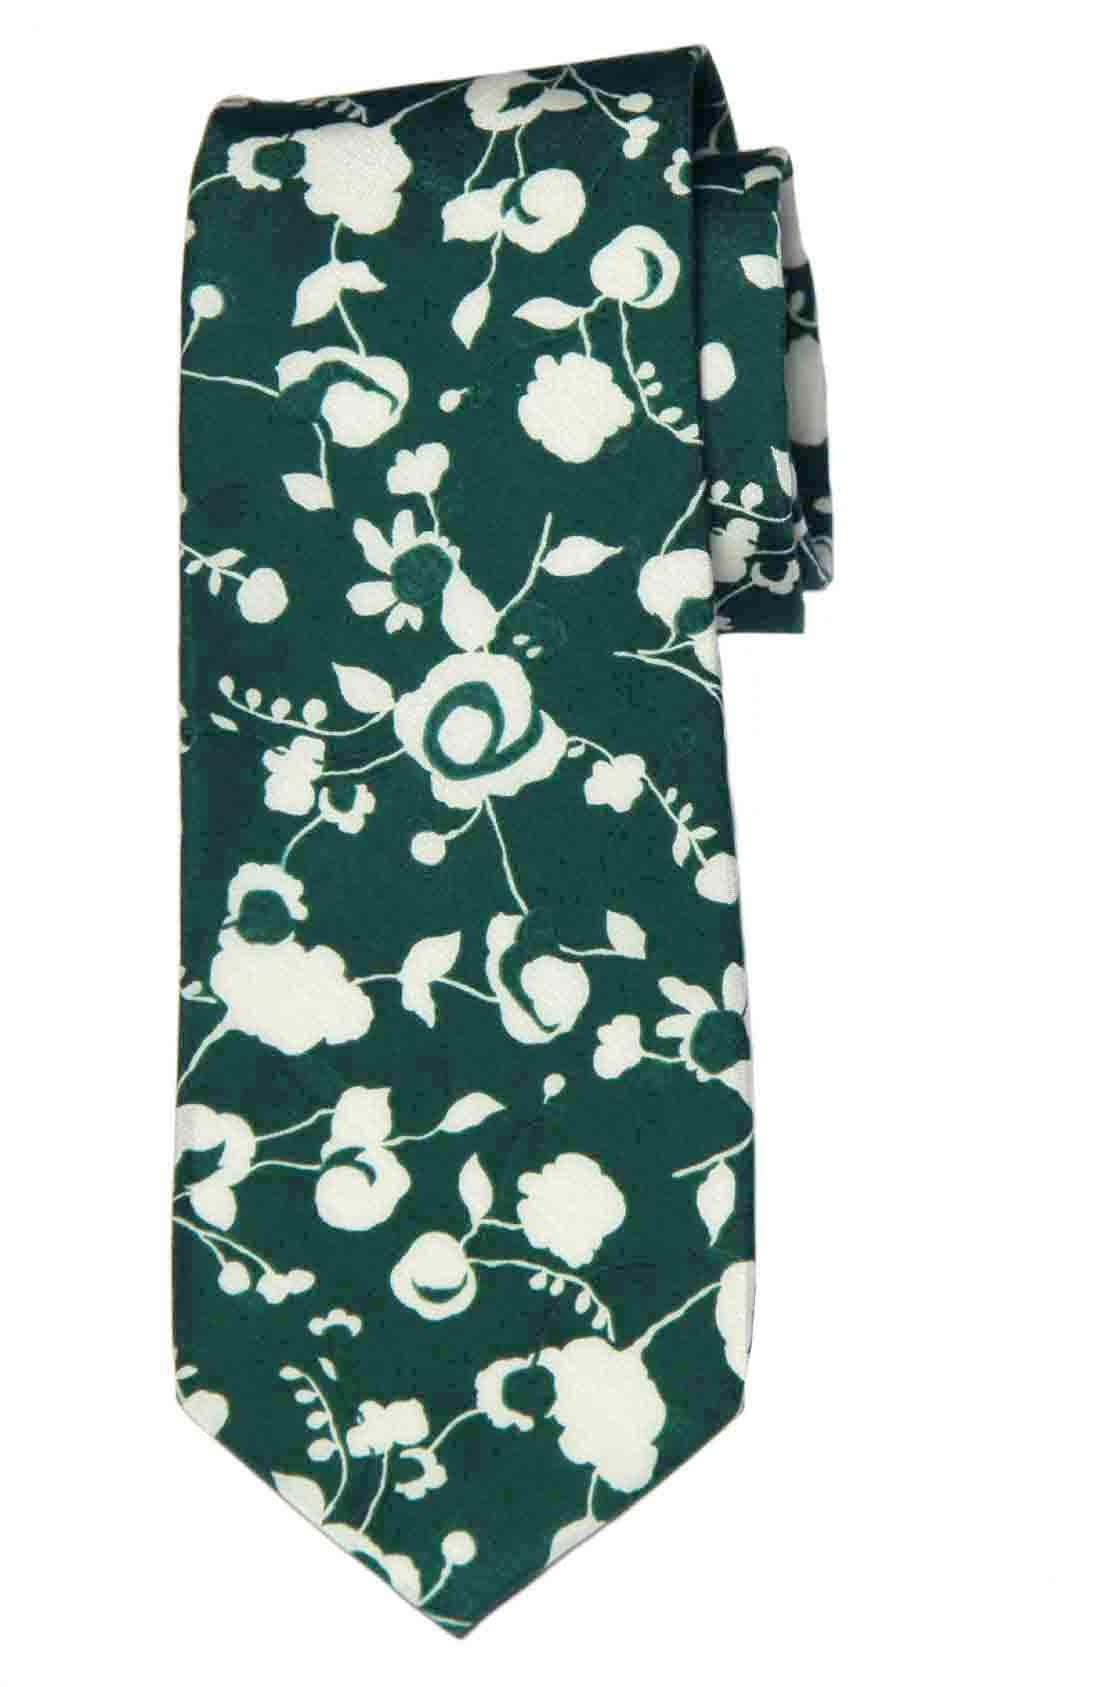 Cole Haan Tie Green White Floral Silk Cotton Men's